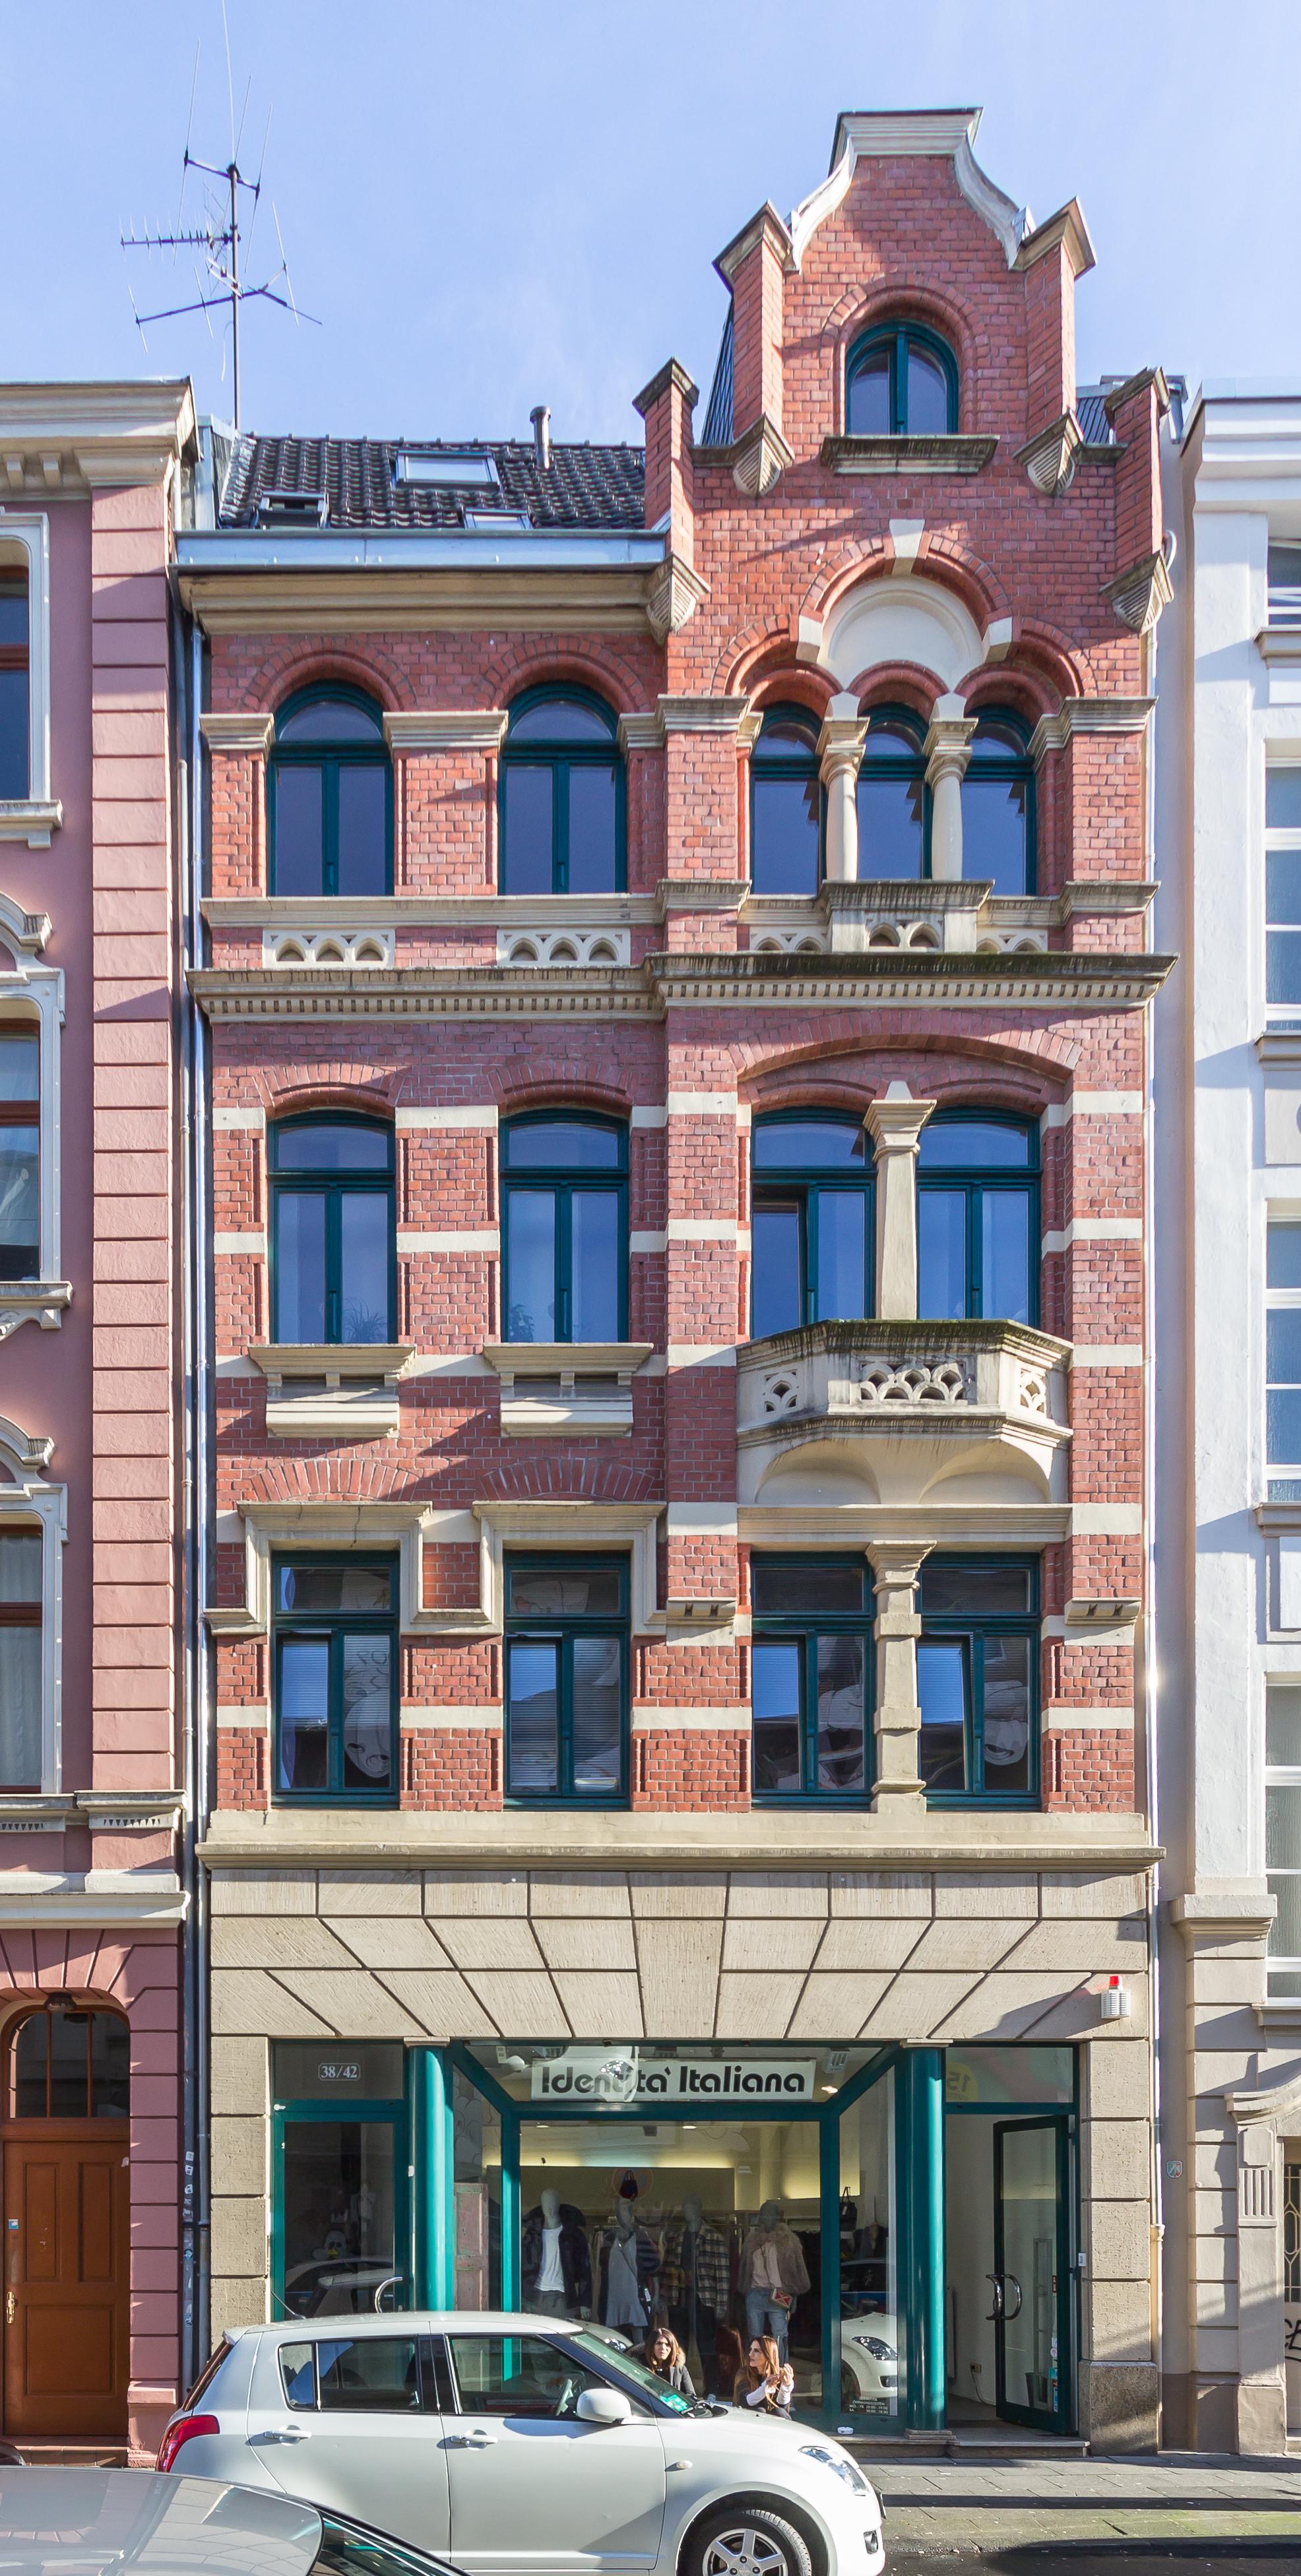 file:wohn- und geschäftshaus friesenwall 38-42, köln-6439